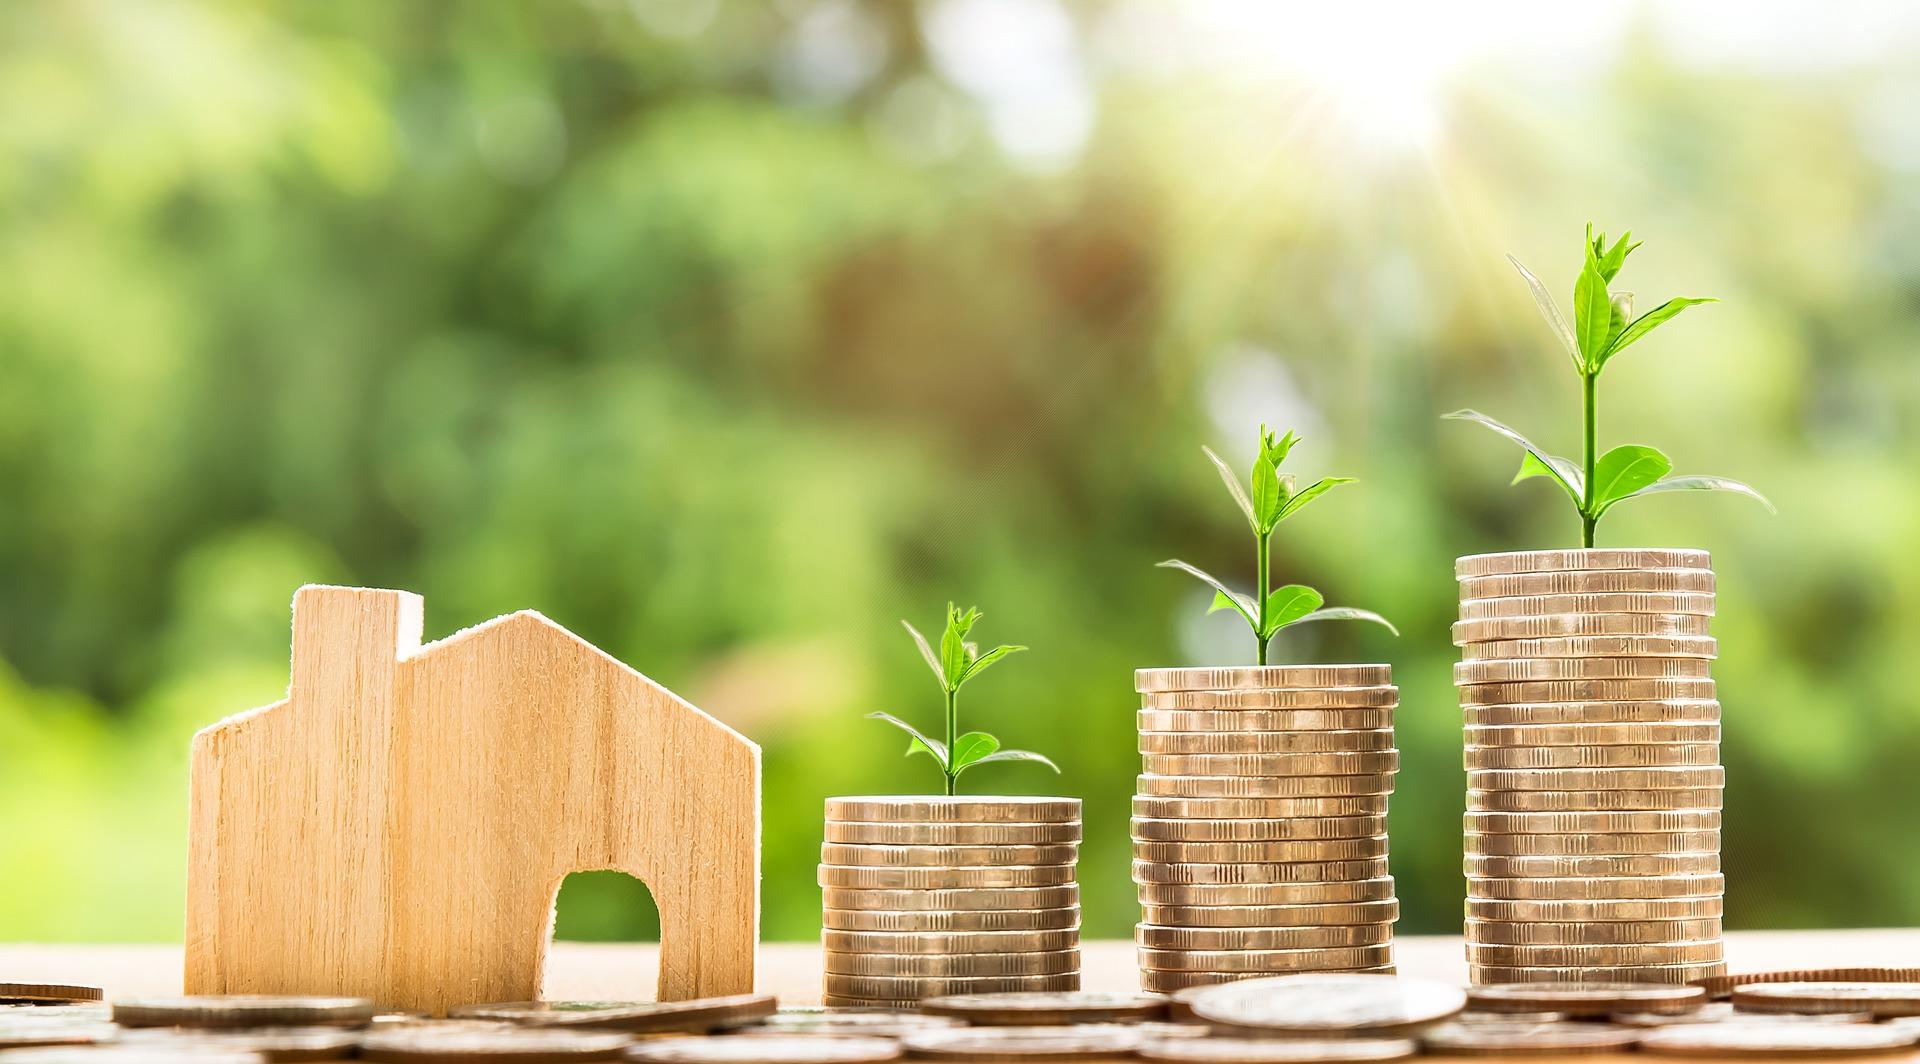 【2020年版】株式投資で稼ぐ為のおすすめの証券会社と手数料を徹底比較